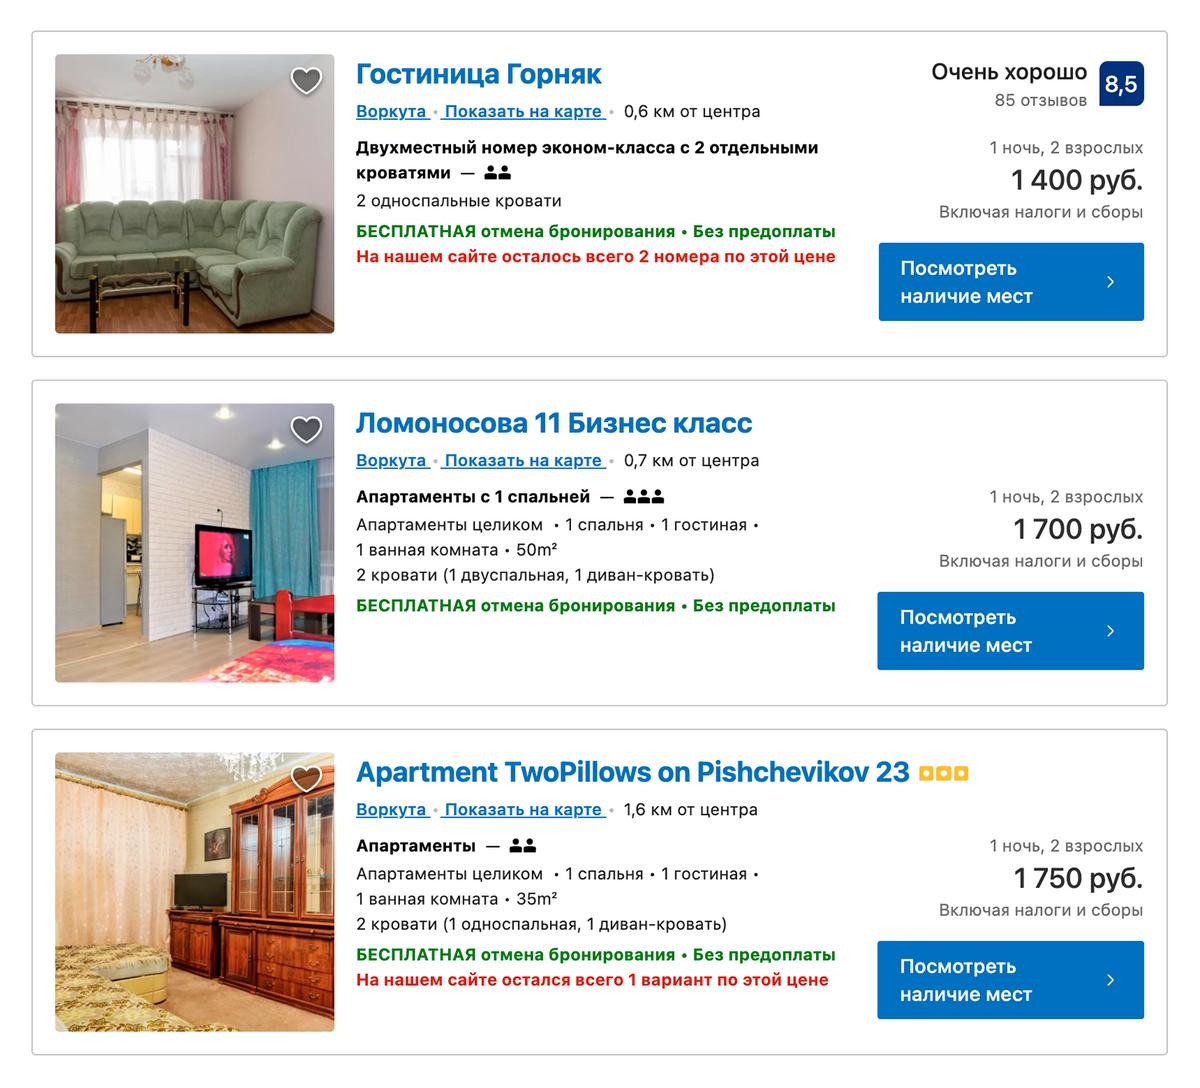 Варианты проживания длядвоих на «Букинге». Источник:booking.com